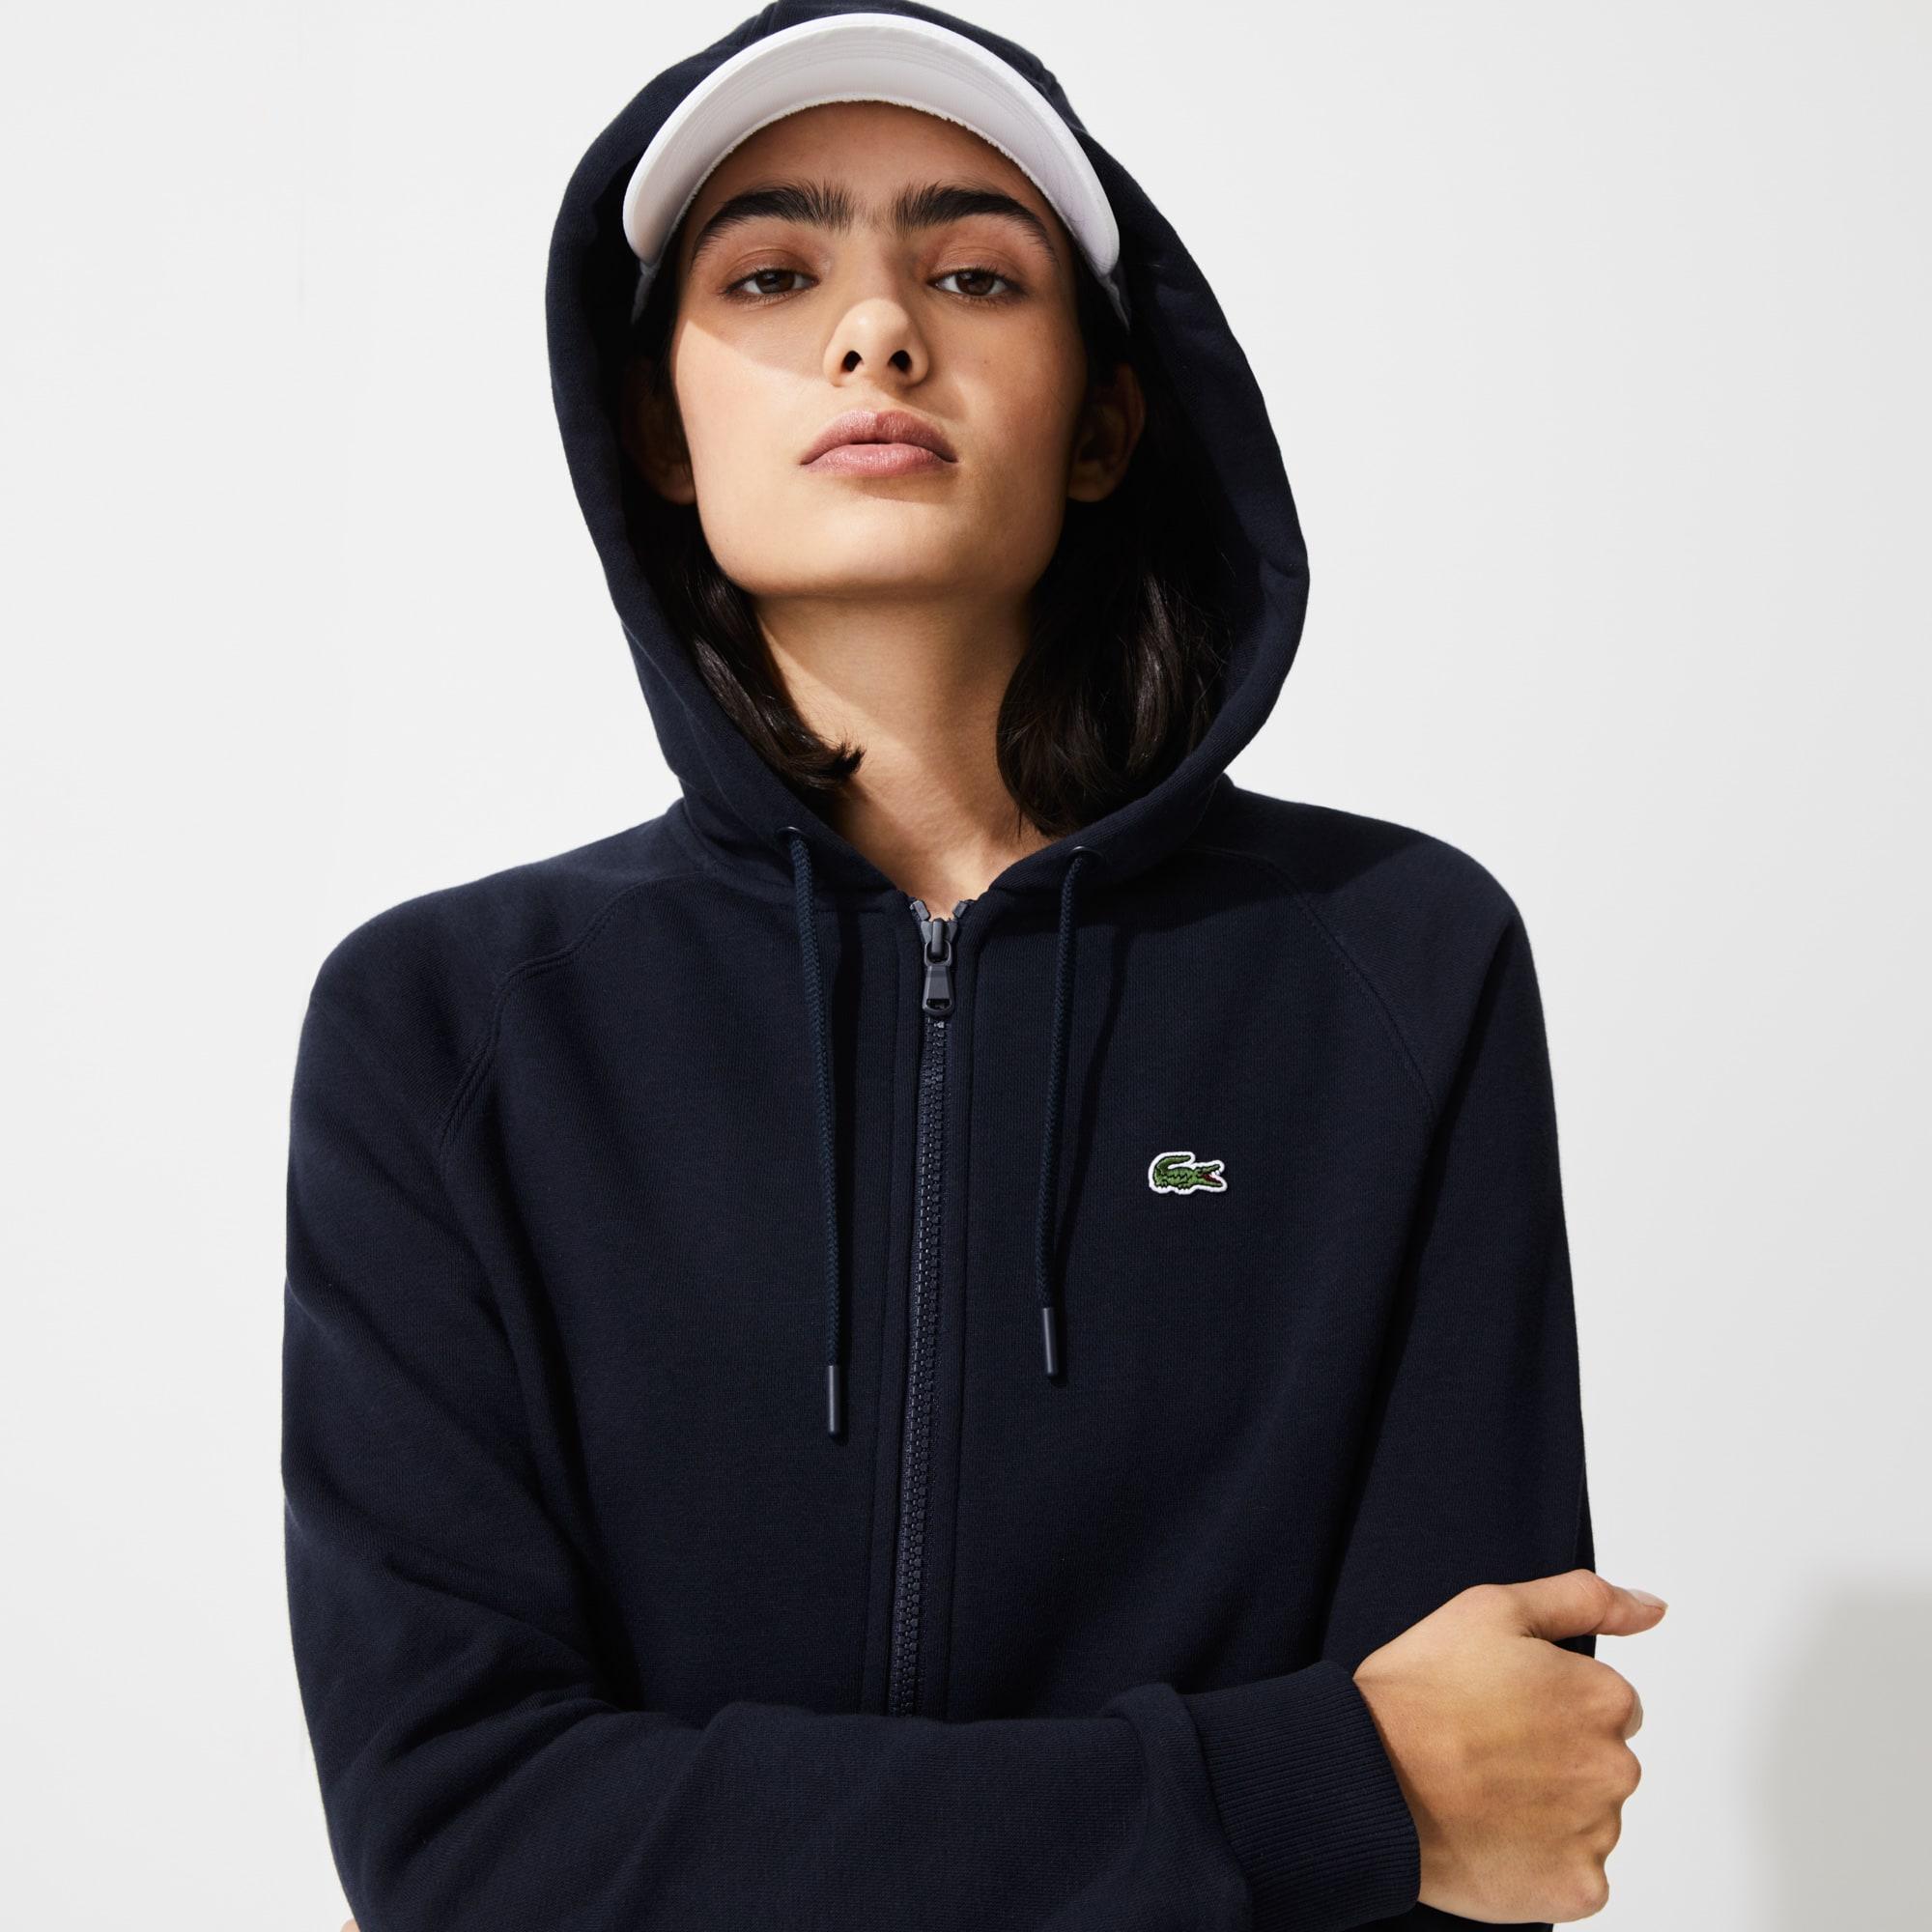 라코스테 Lacoste Womens SPORT Hooded Fleece Zip Tennis Sweatshirt